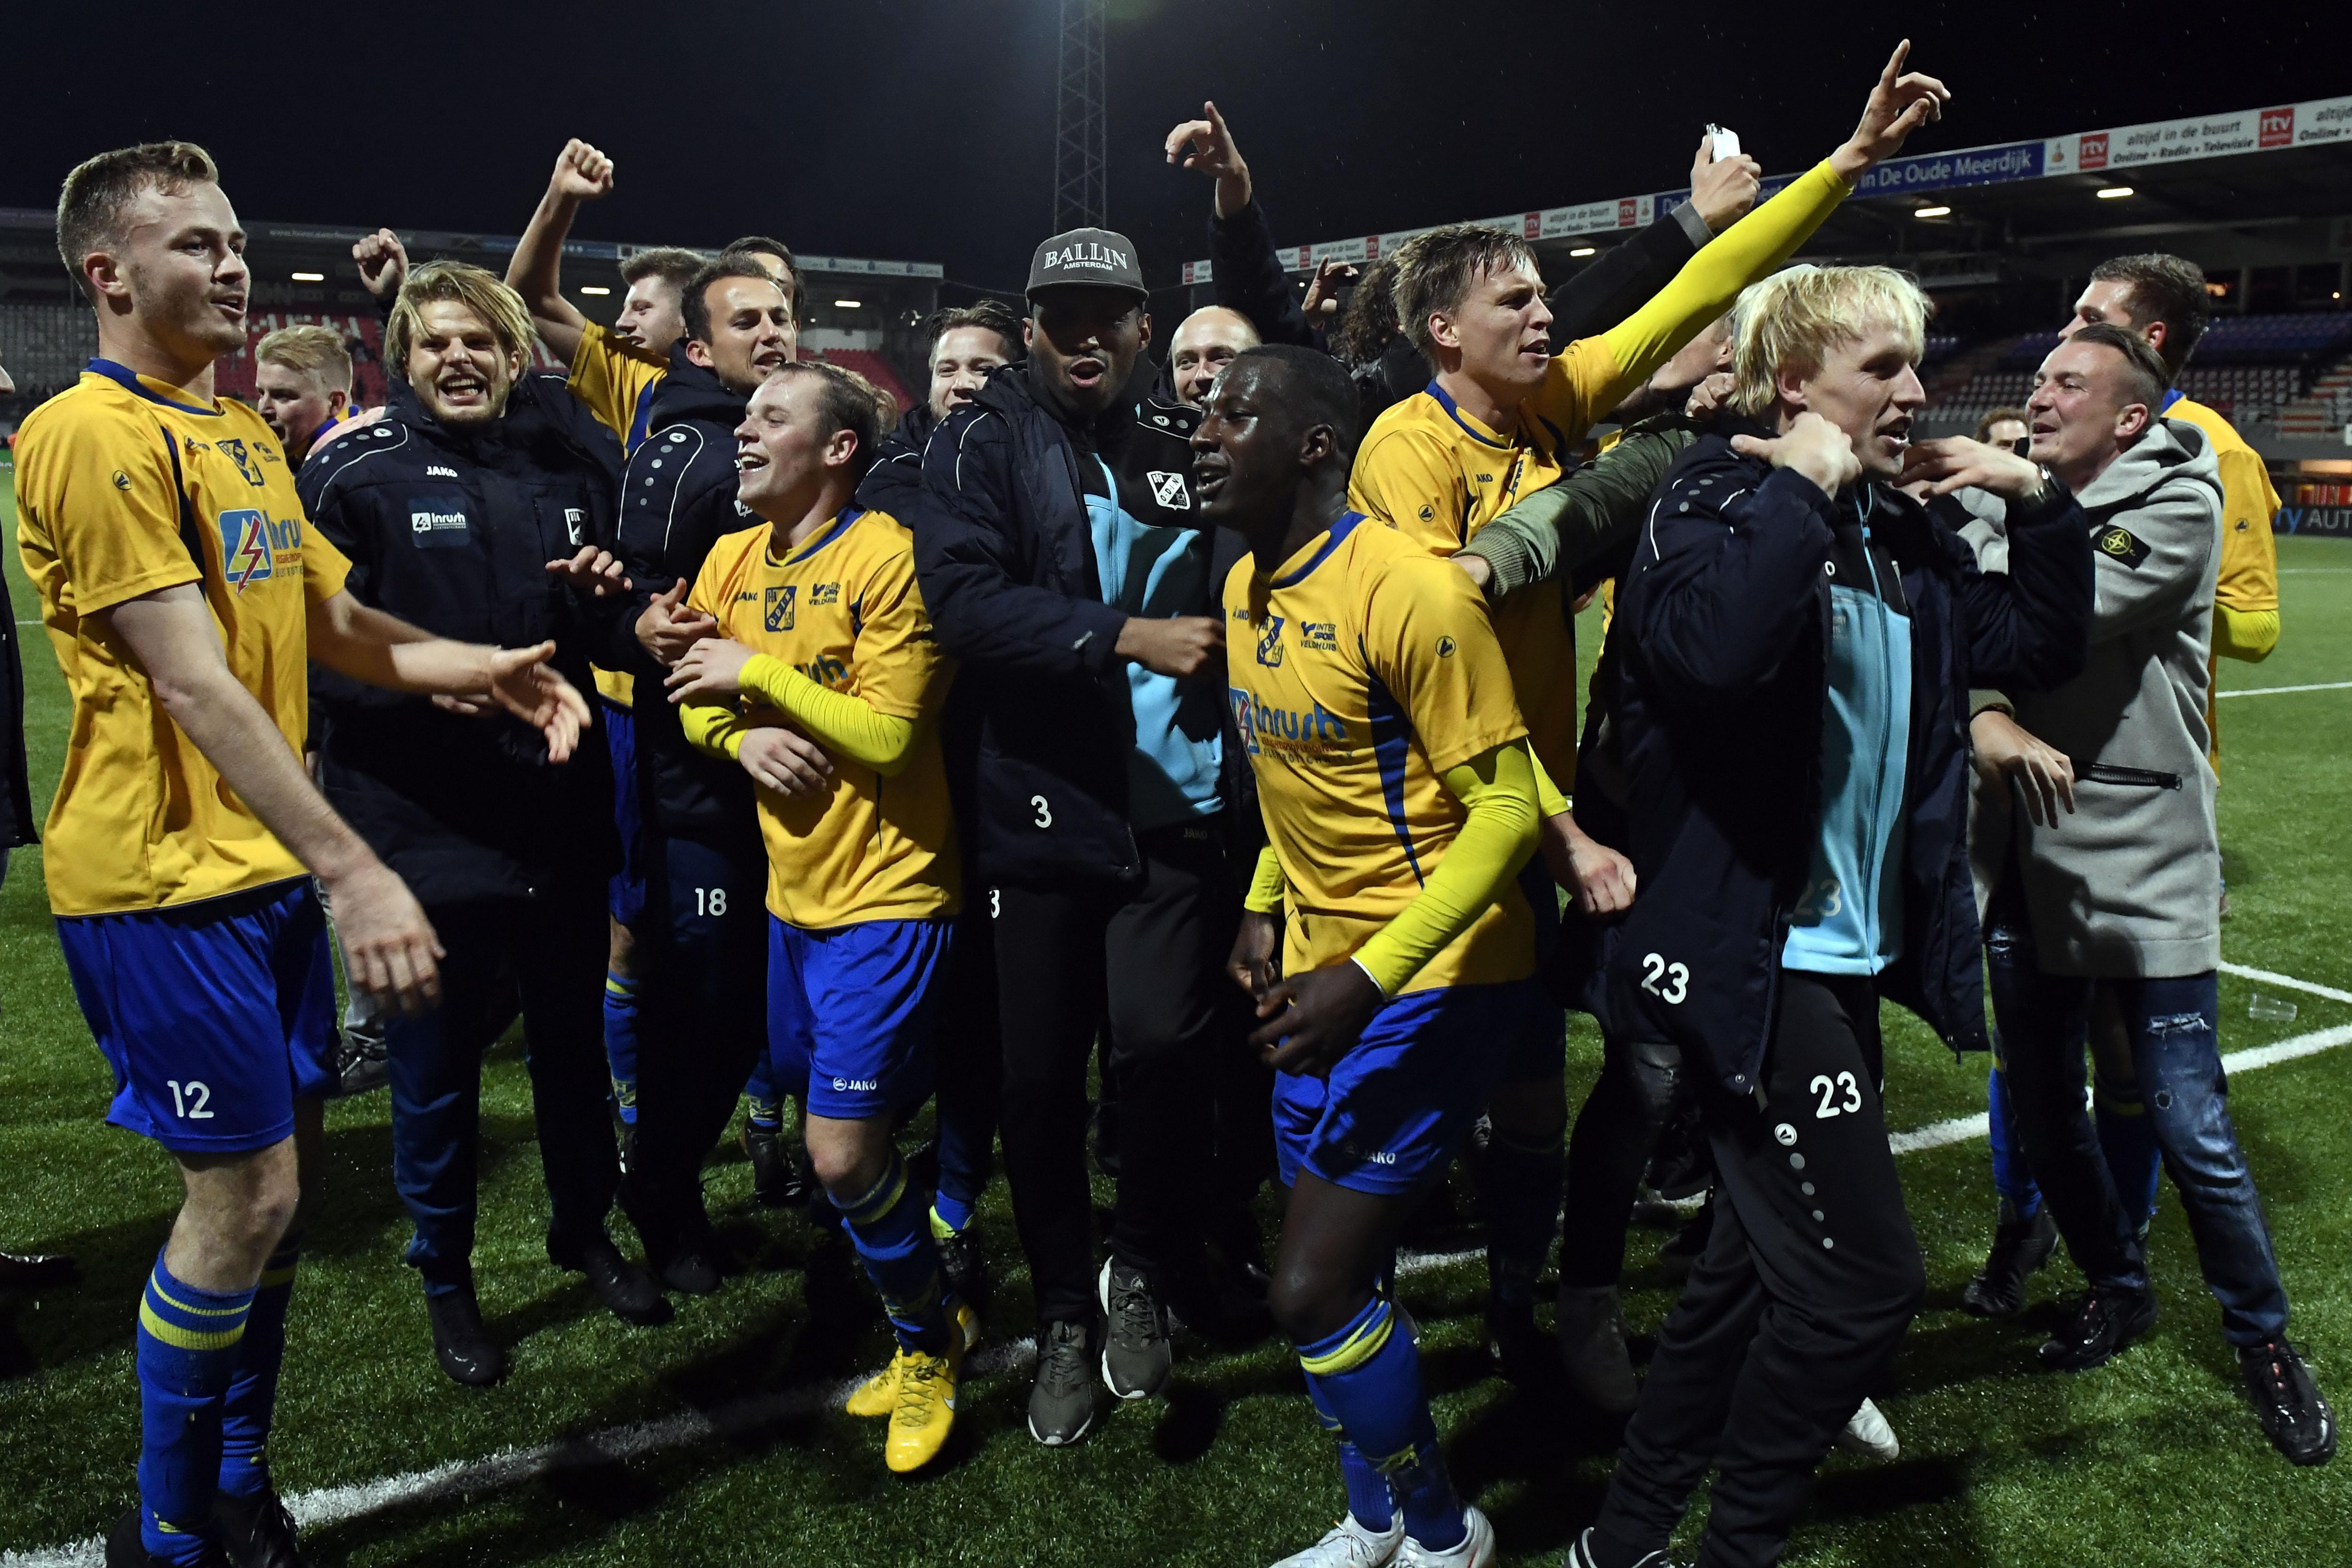 Odin'59 hoopt op financiële en sportieve compensatie als de amateurclub niet verder mag in de KNVB Beker